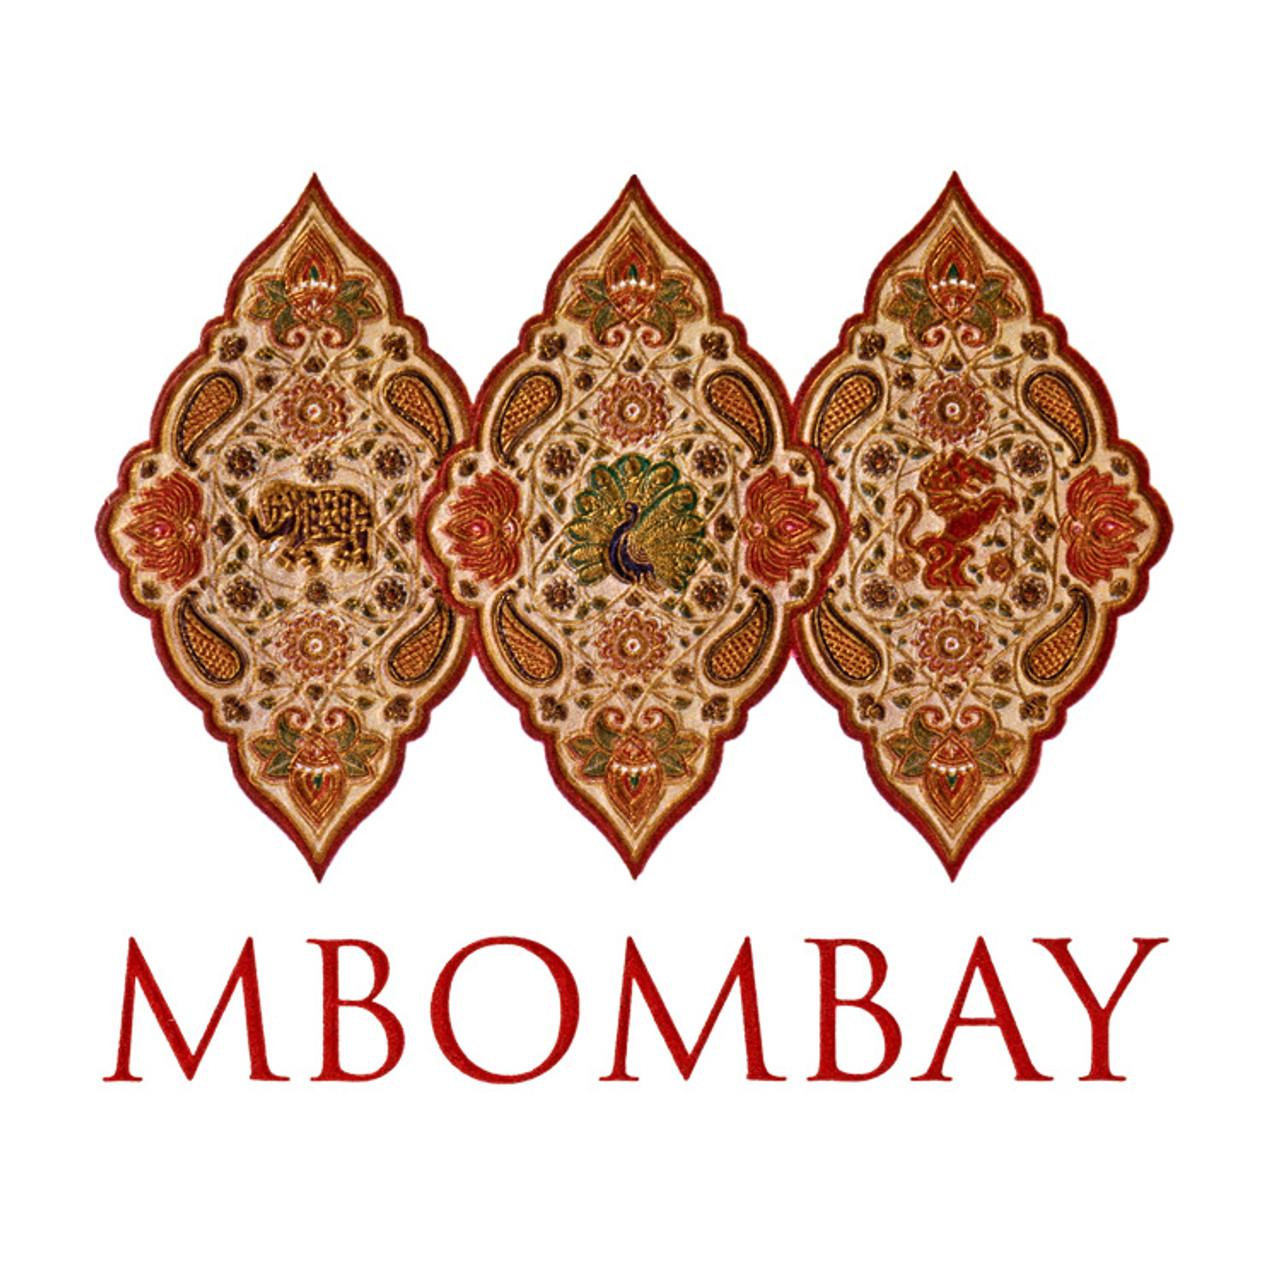 MBombay Kesara No. 4 Cigars - 5.12 x 44 (Box of 20)